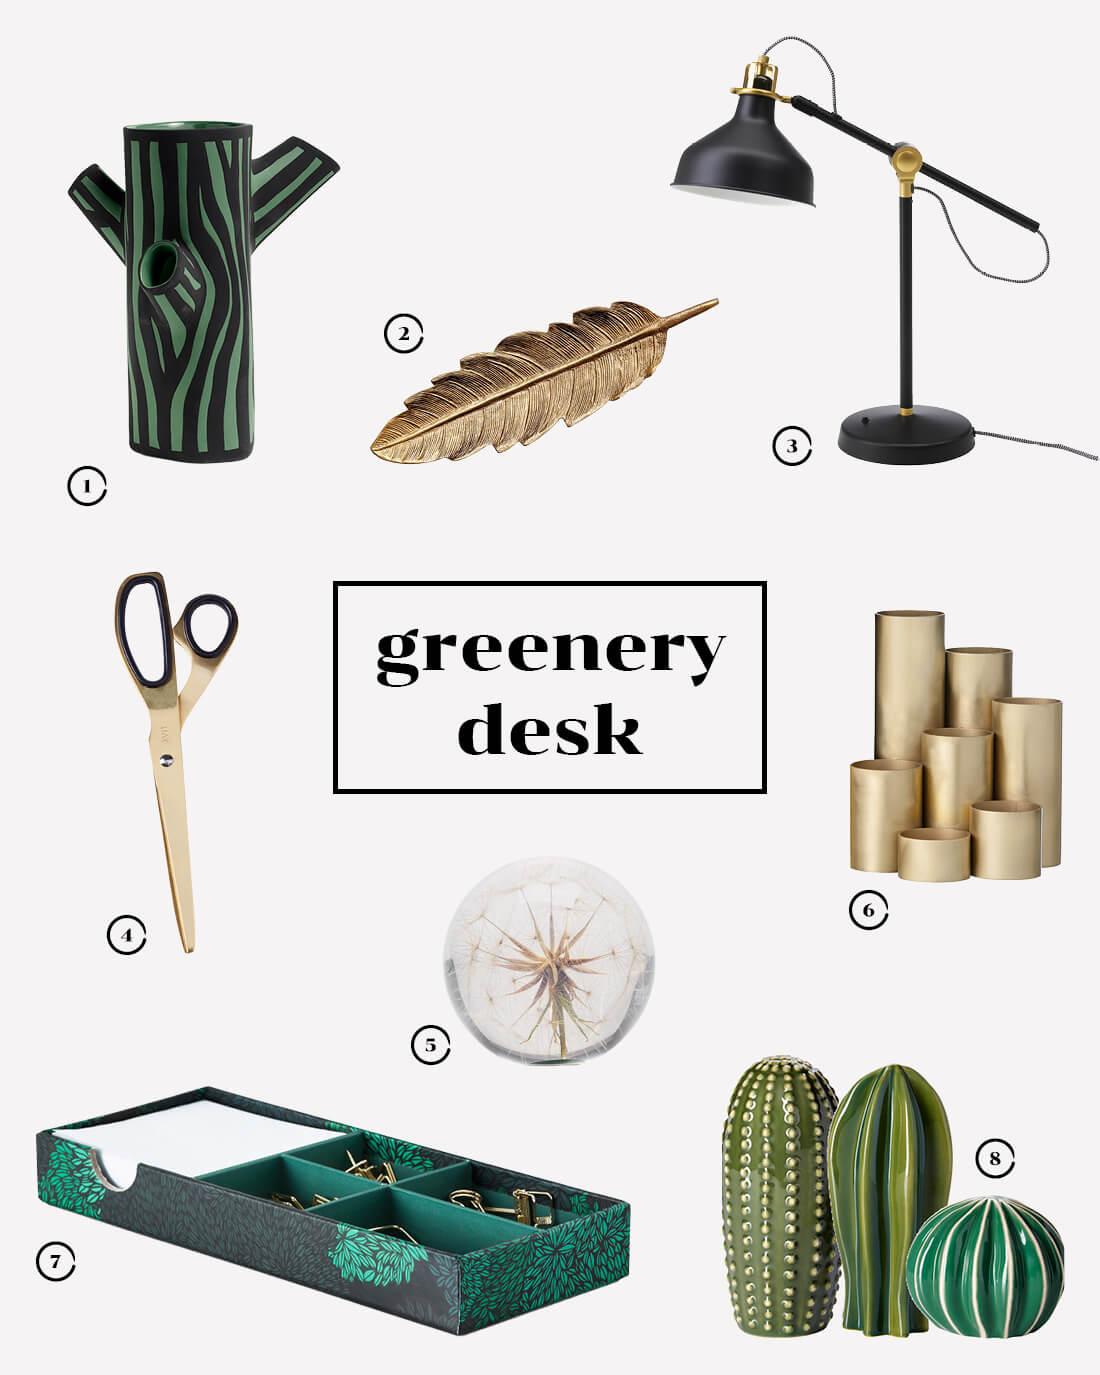 Ispirazioni di design per la scrivania. Style guide greenery desk